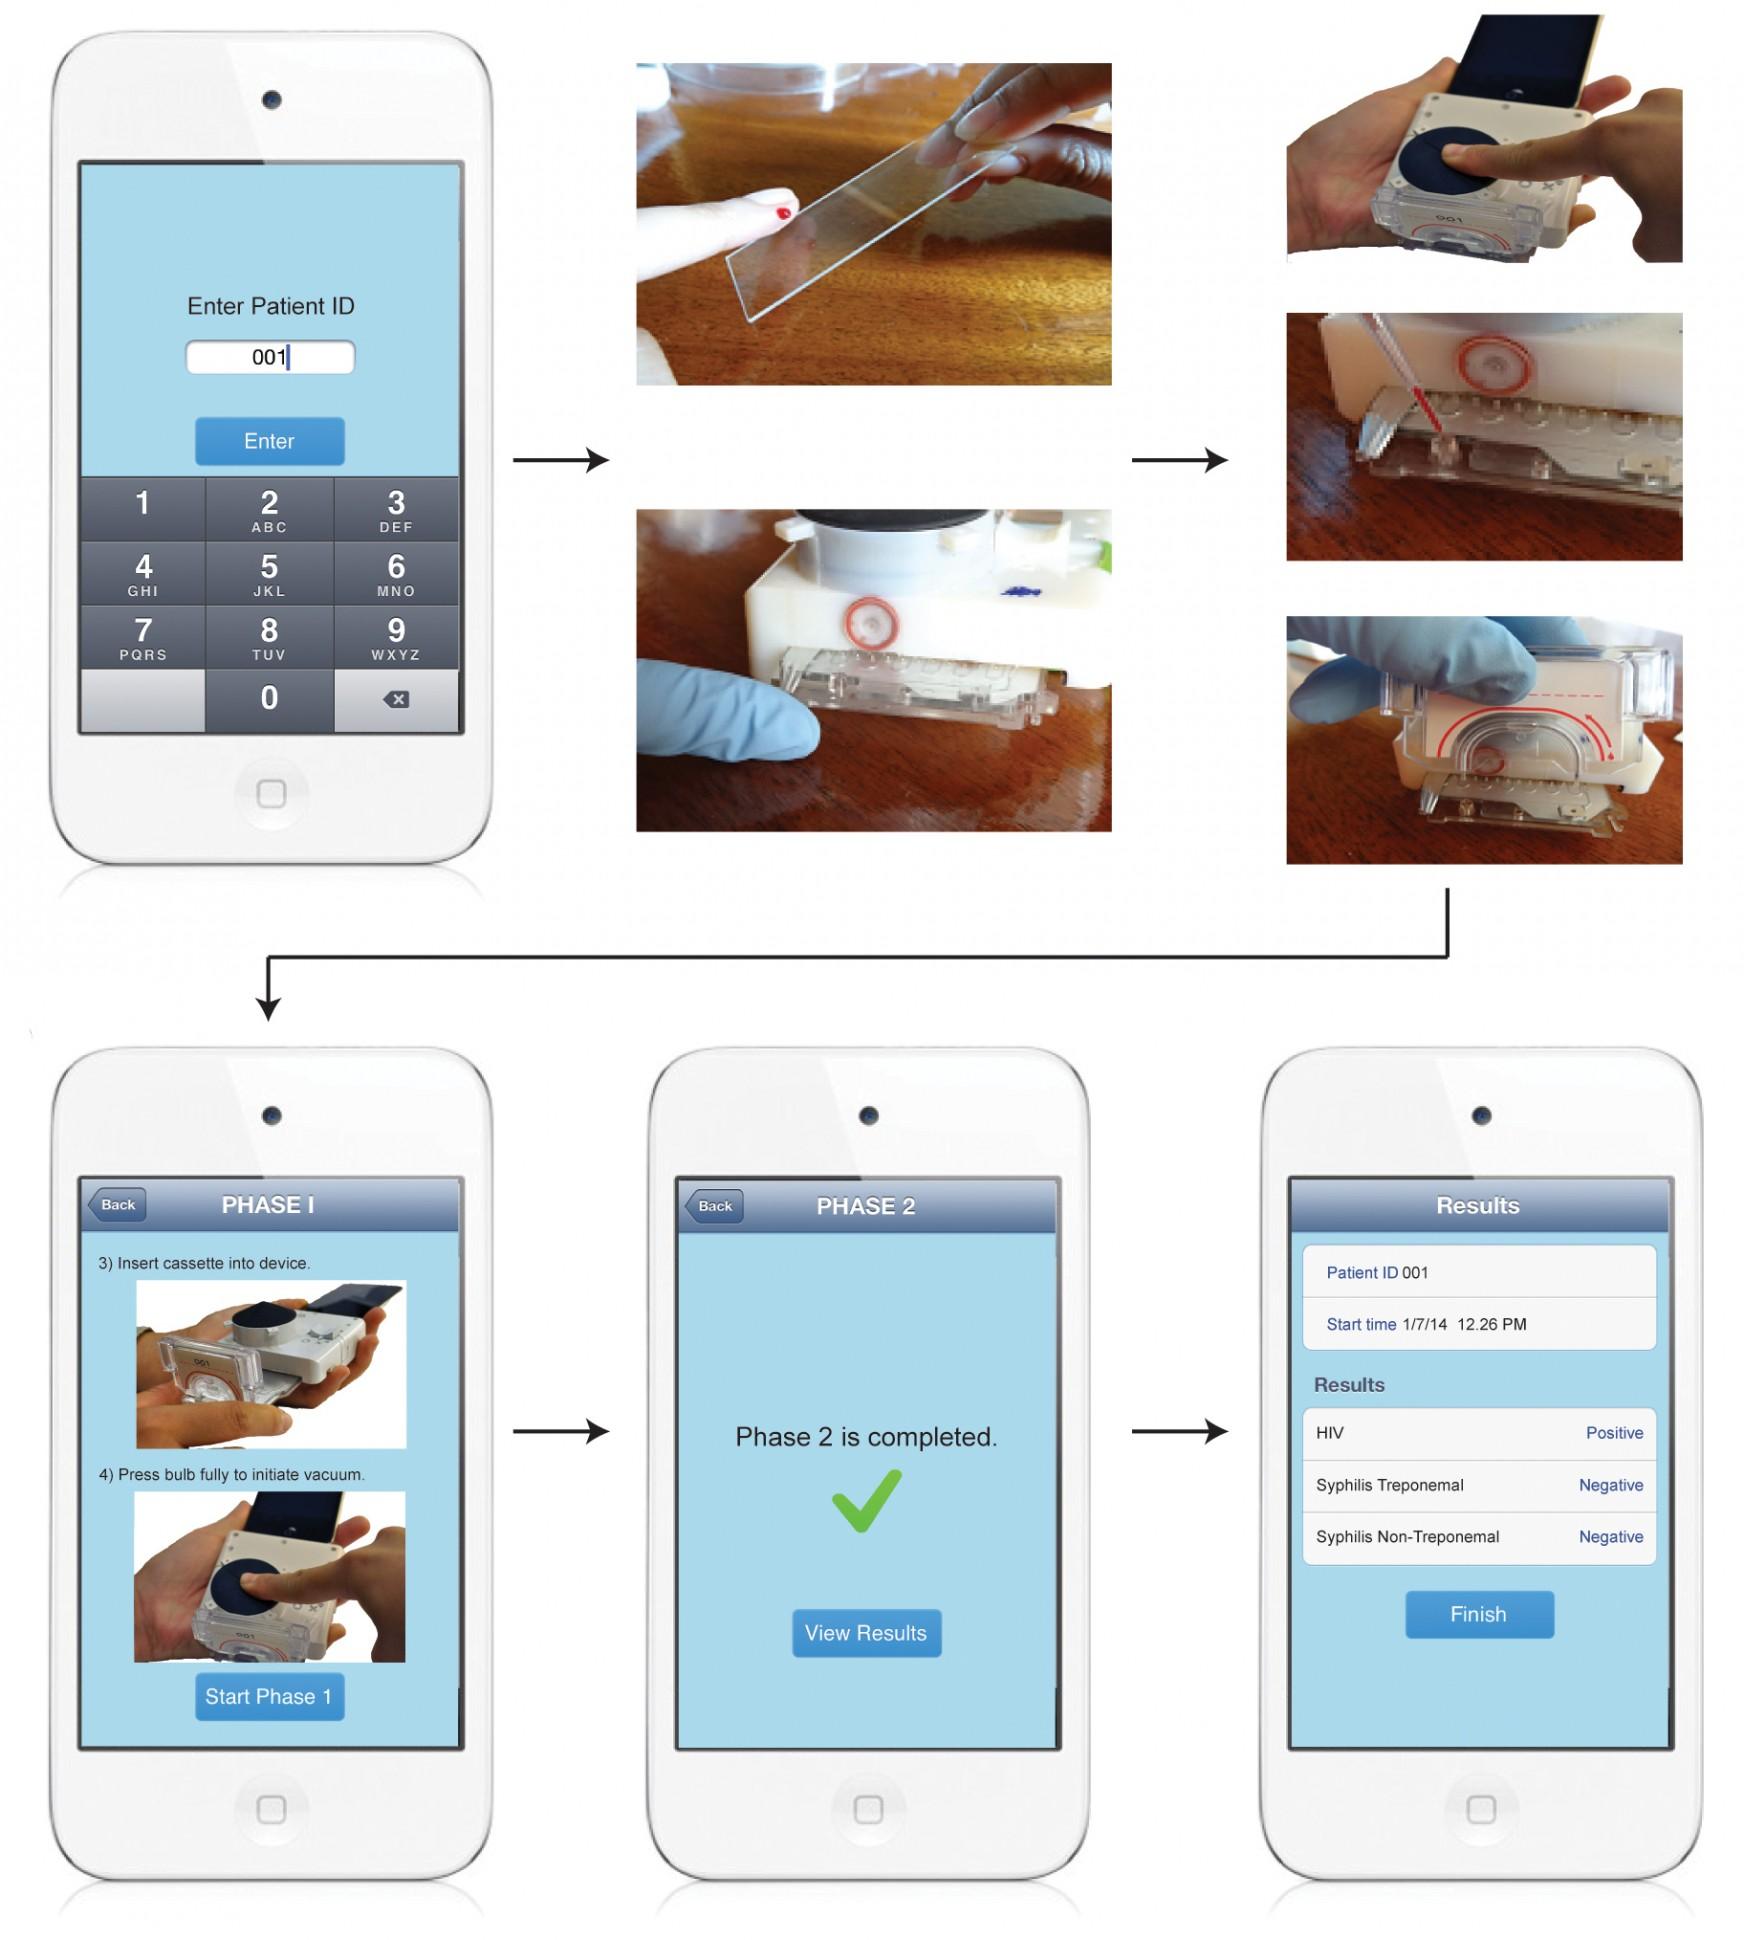 diagnosi attraverso smartphone